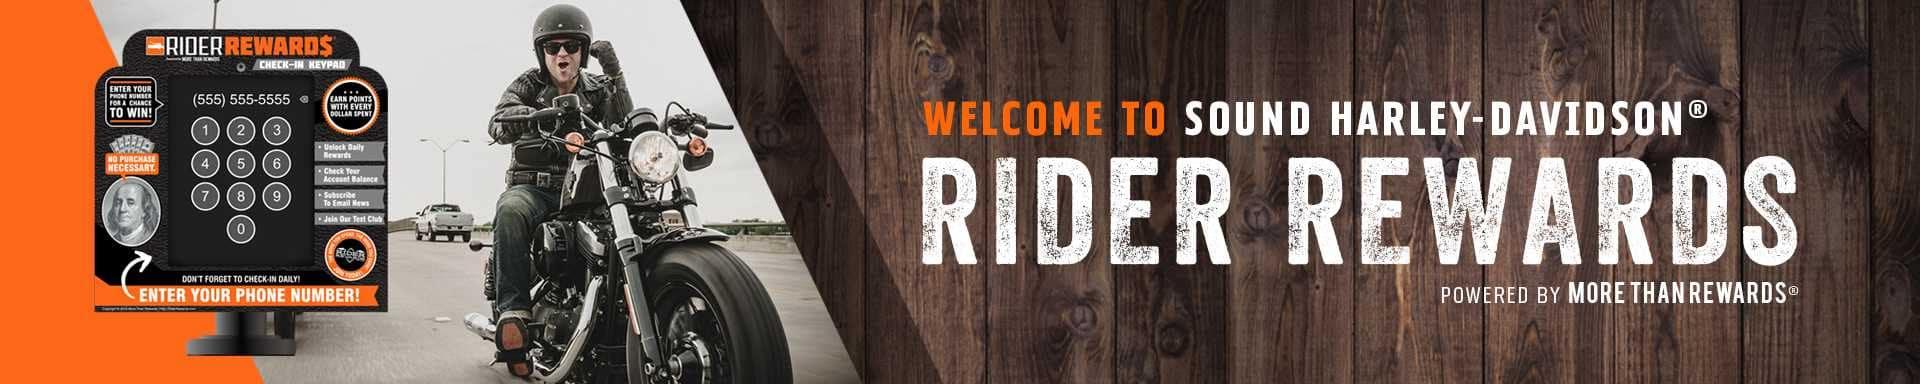 Sound Harley-Davidson Rider Rewards banner